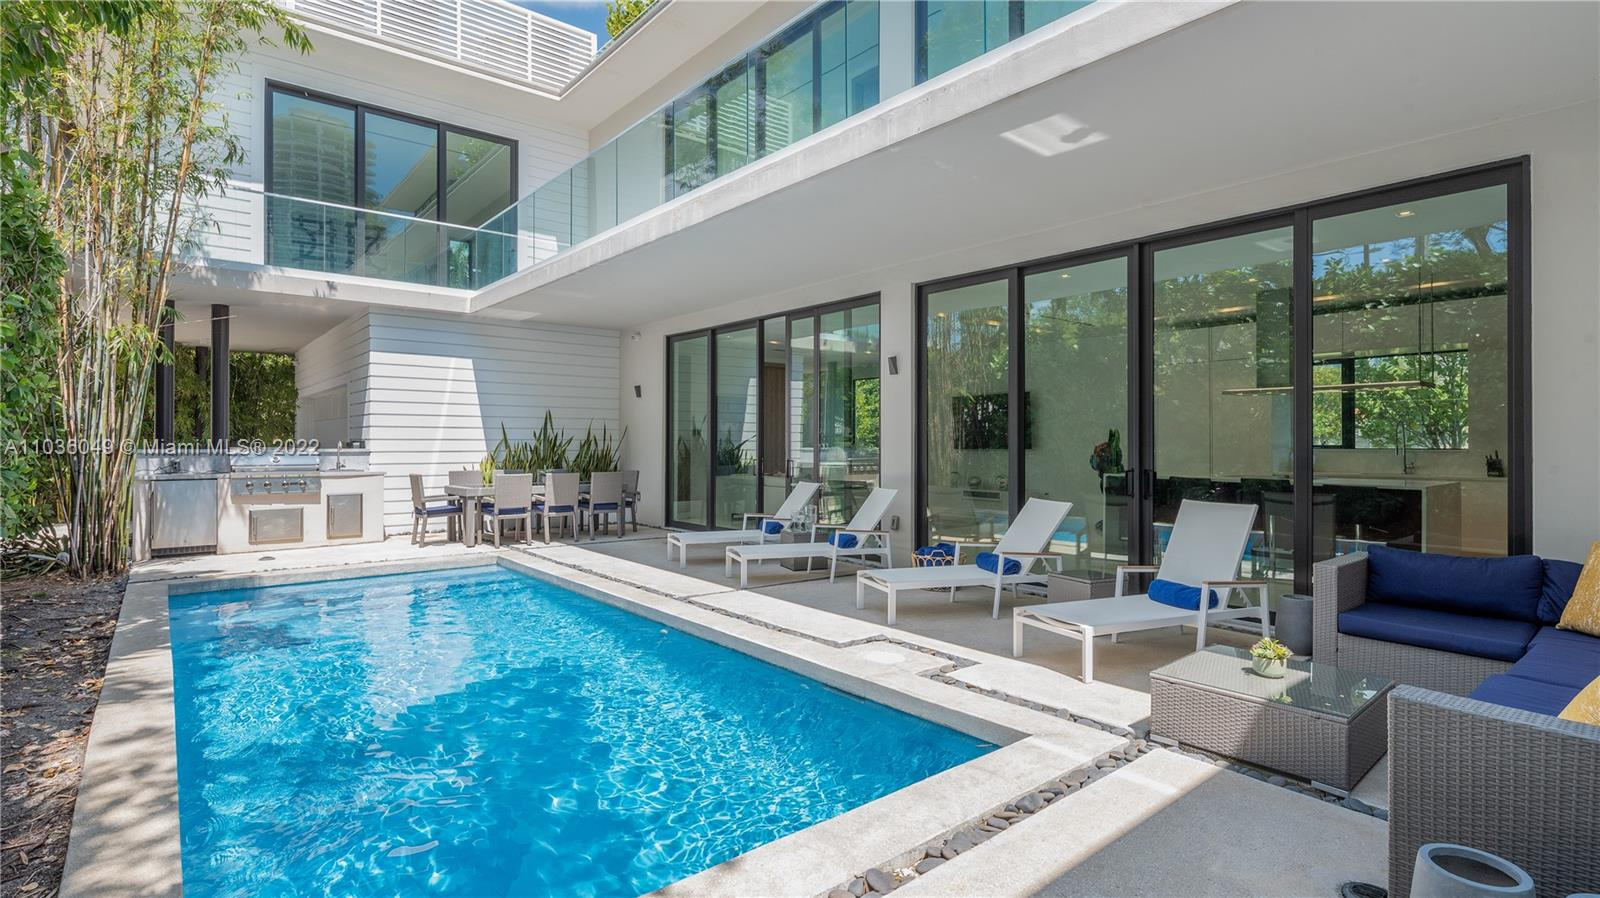 2140 S Miami Ave  For Sale A11036049, FL